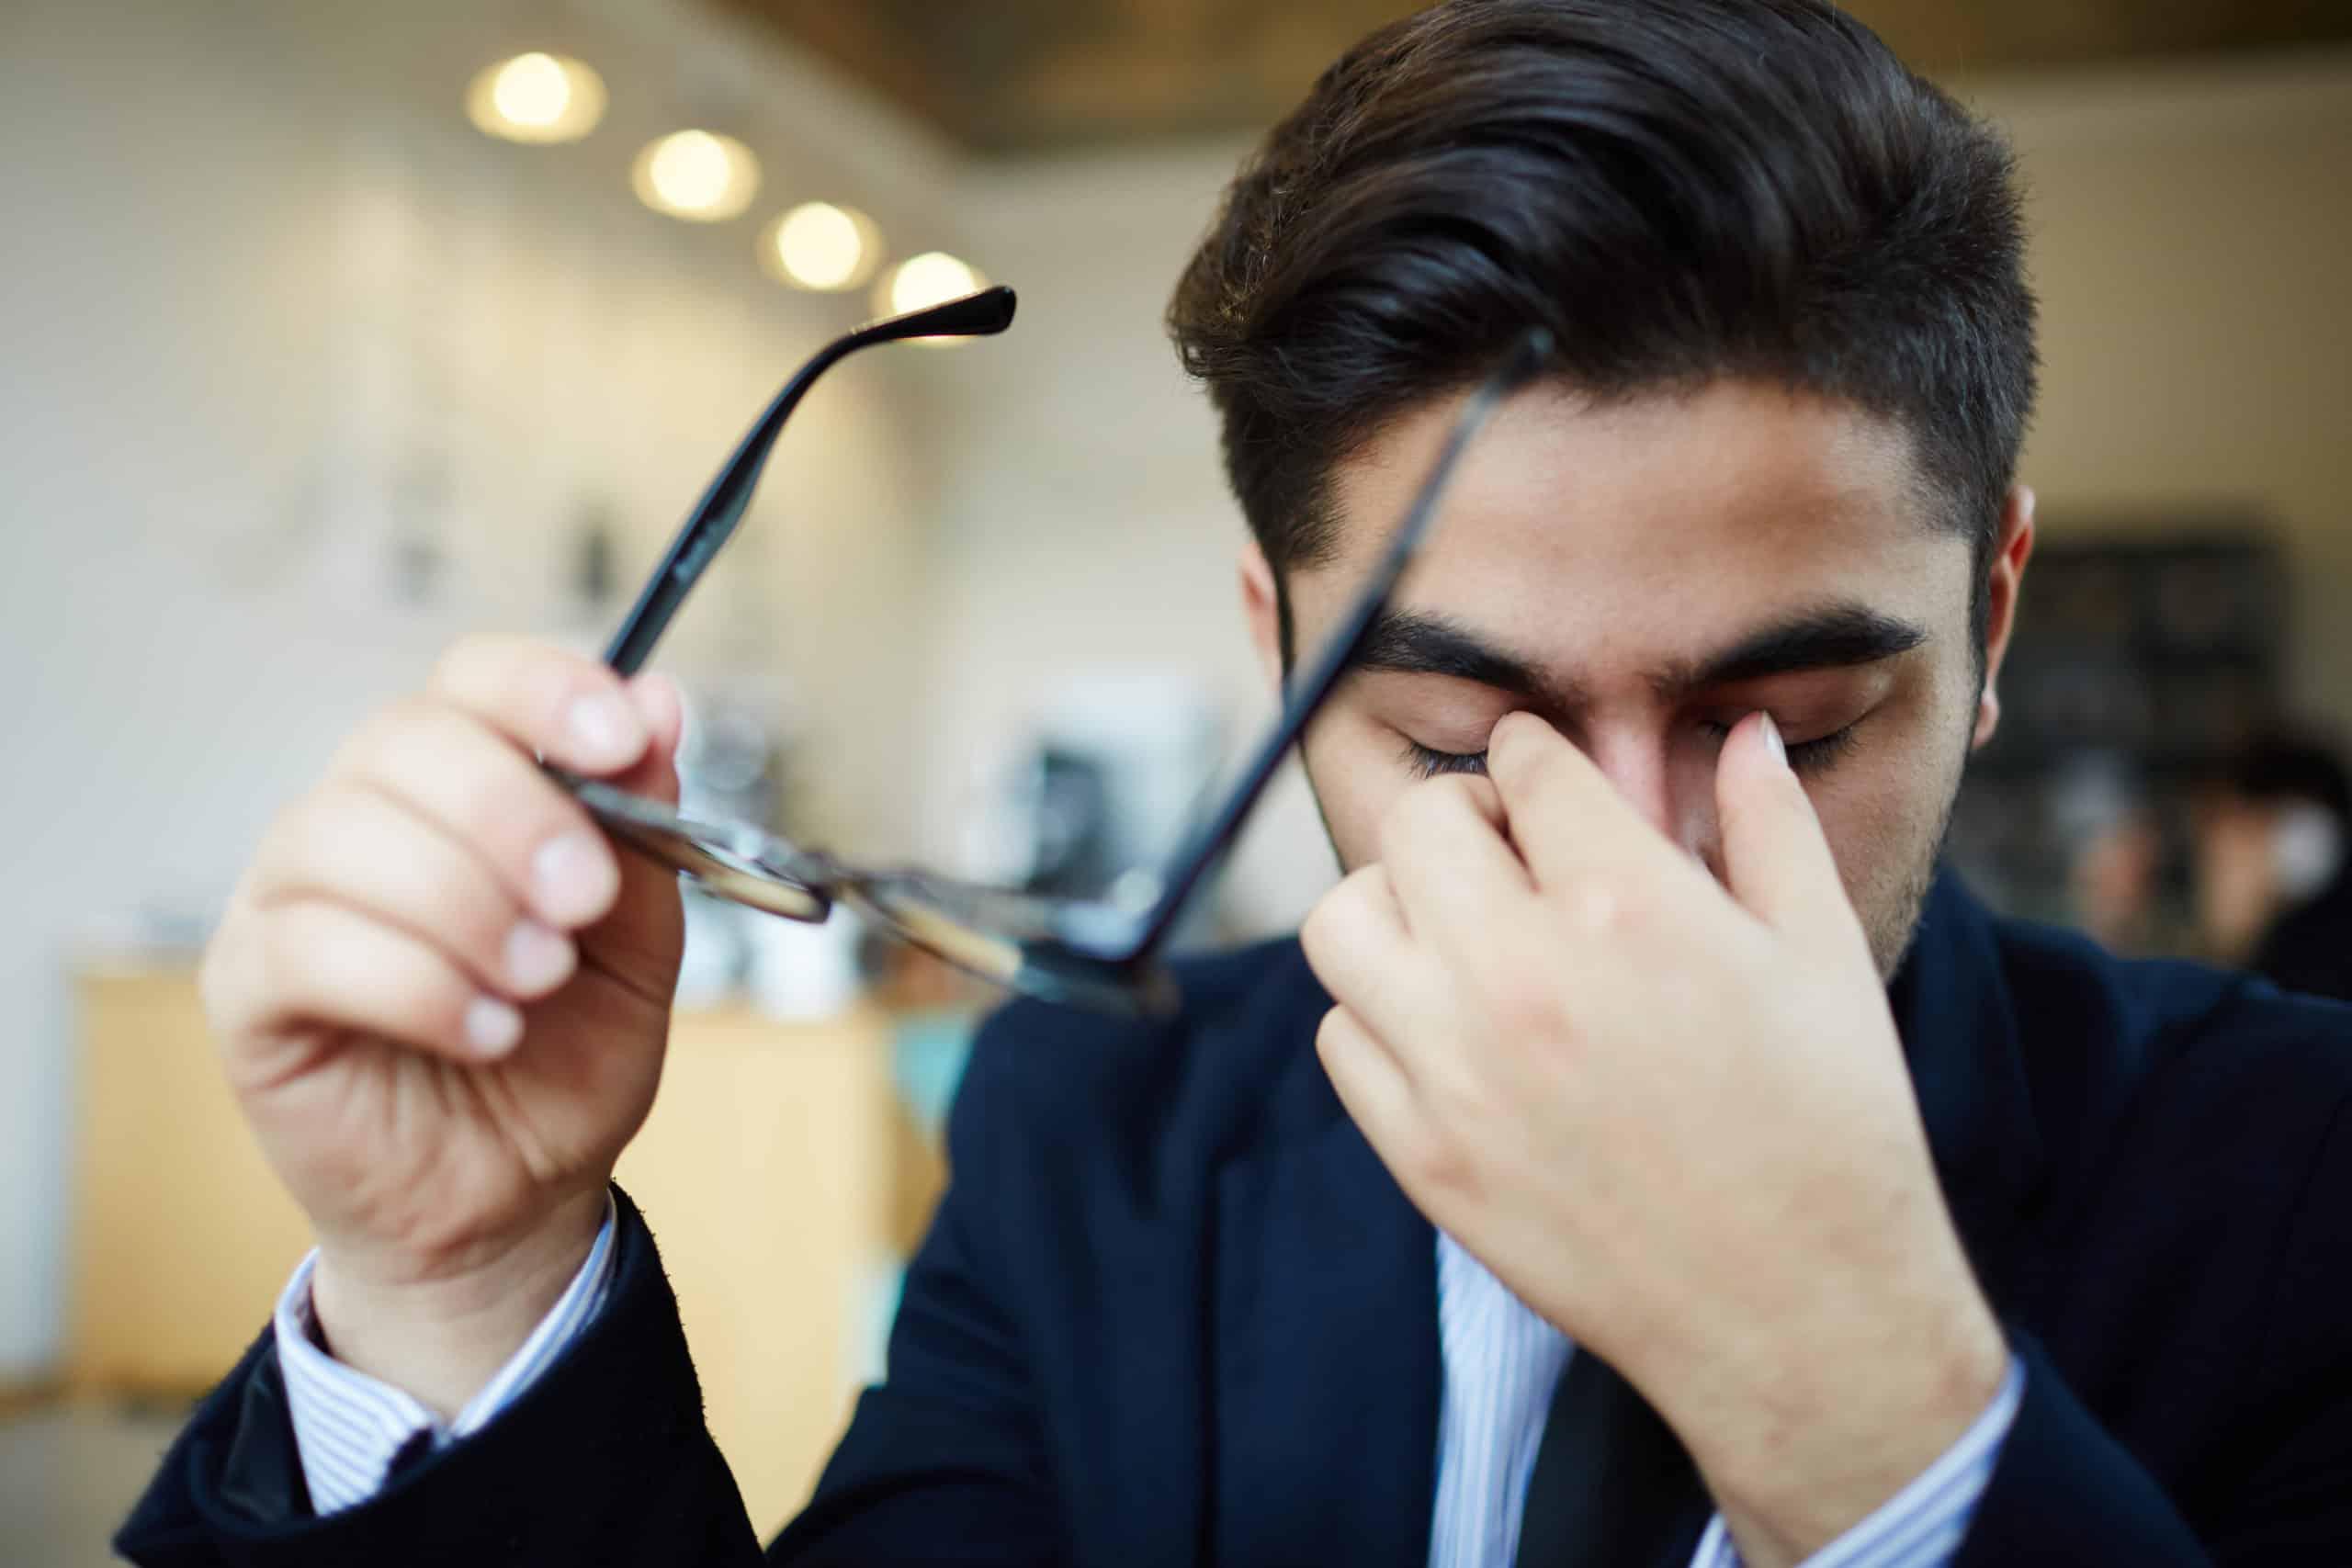 homme tout le temps fatigué au travail, se frottant les yeux